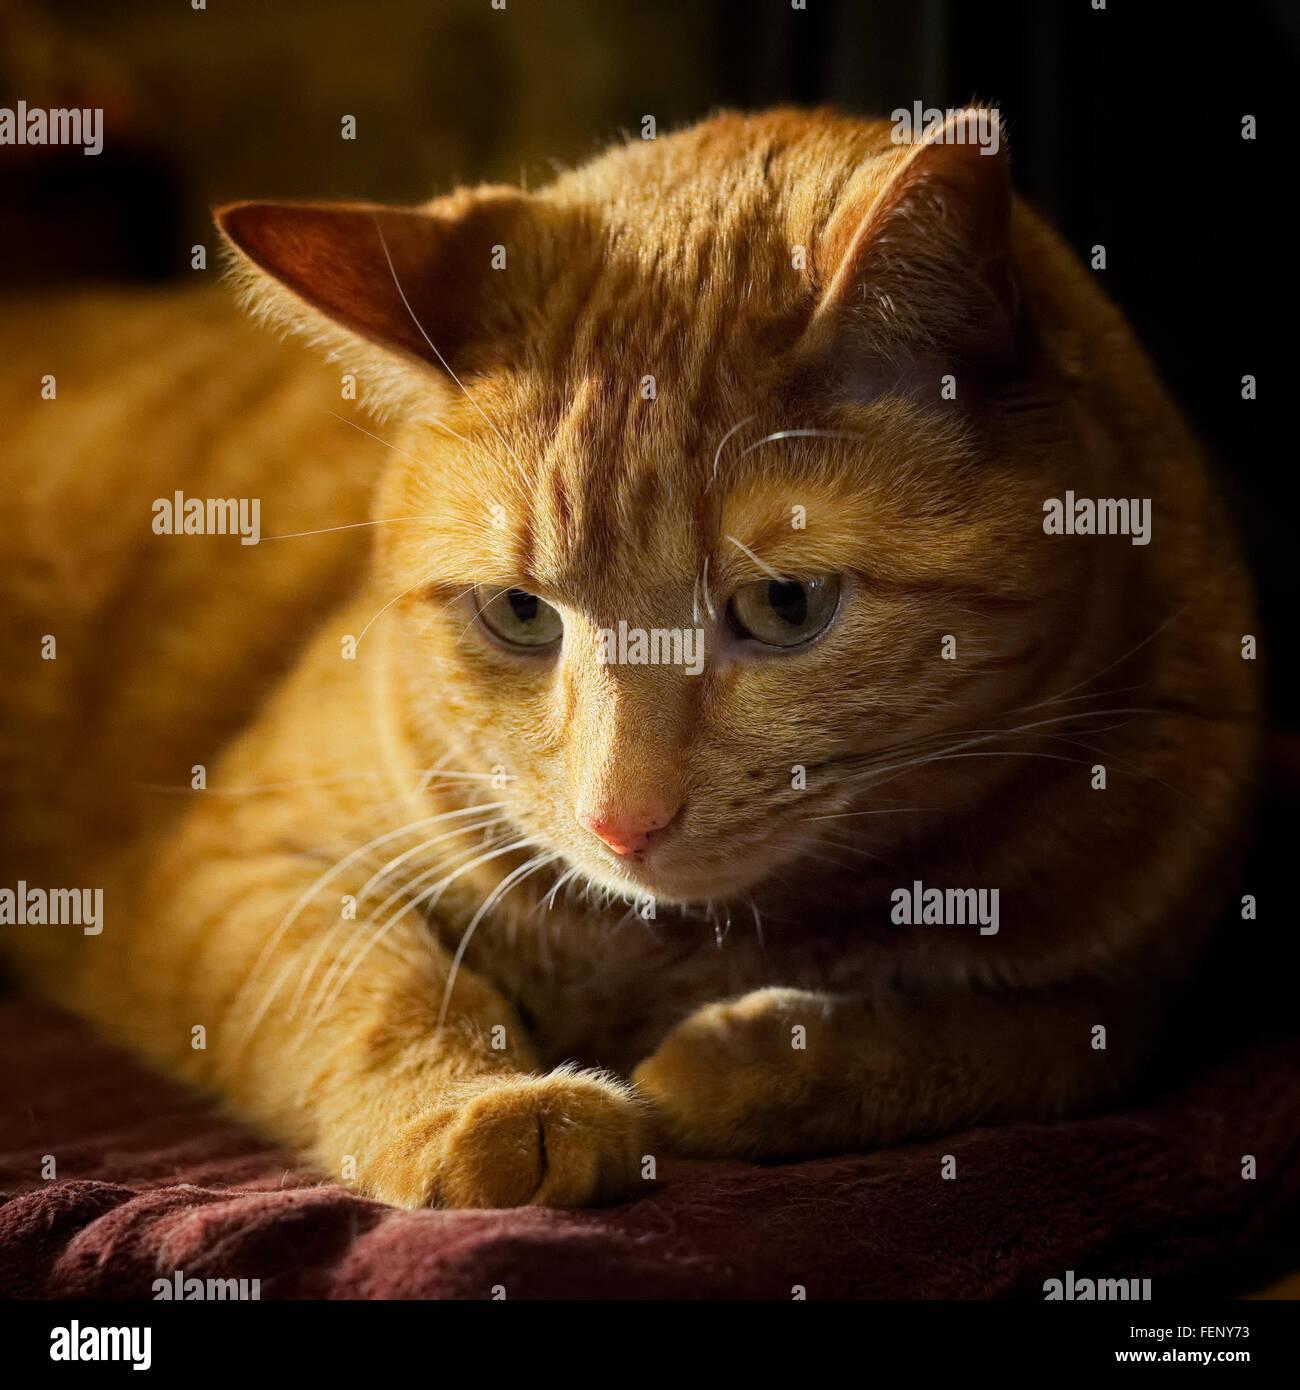 Gato atigrado descansando sobre la almohadilla con el sol vespertino llegando desde la ventana Imagen De Stock